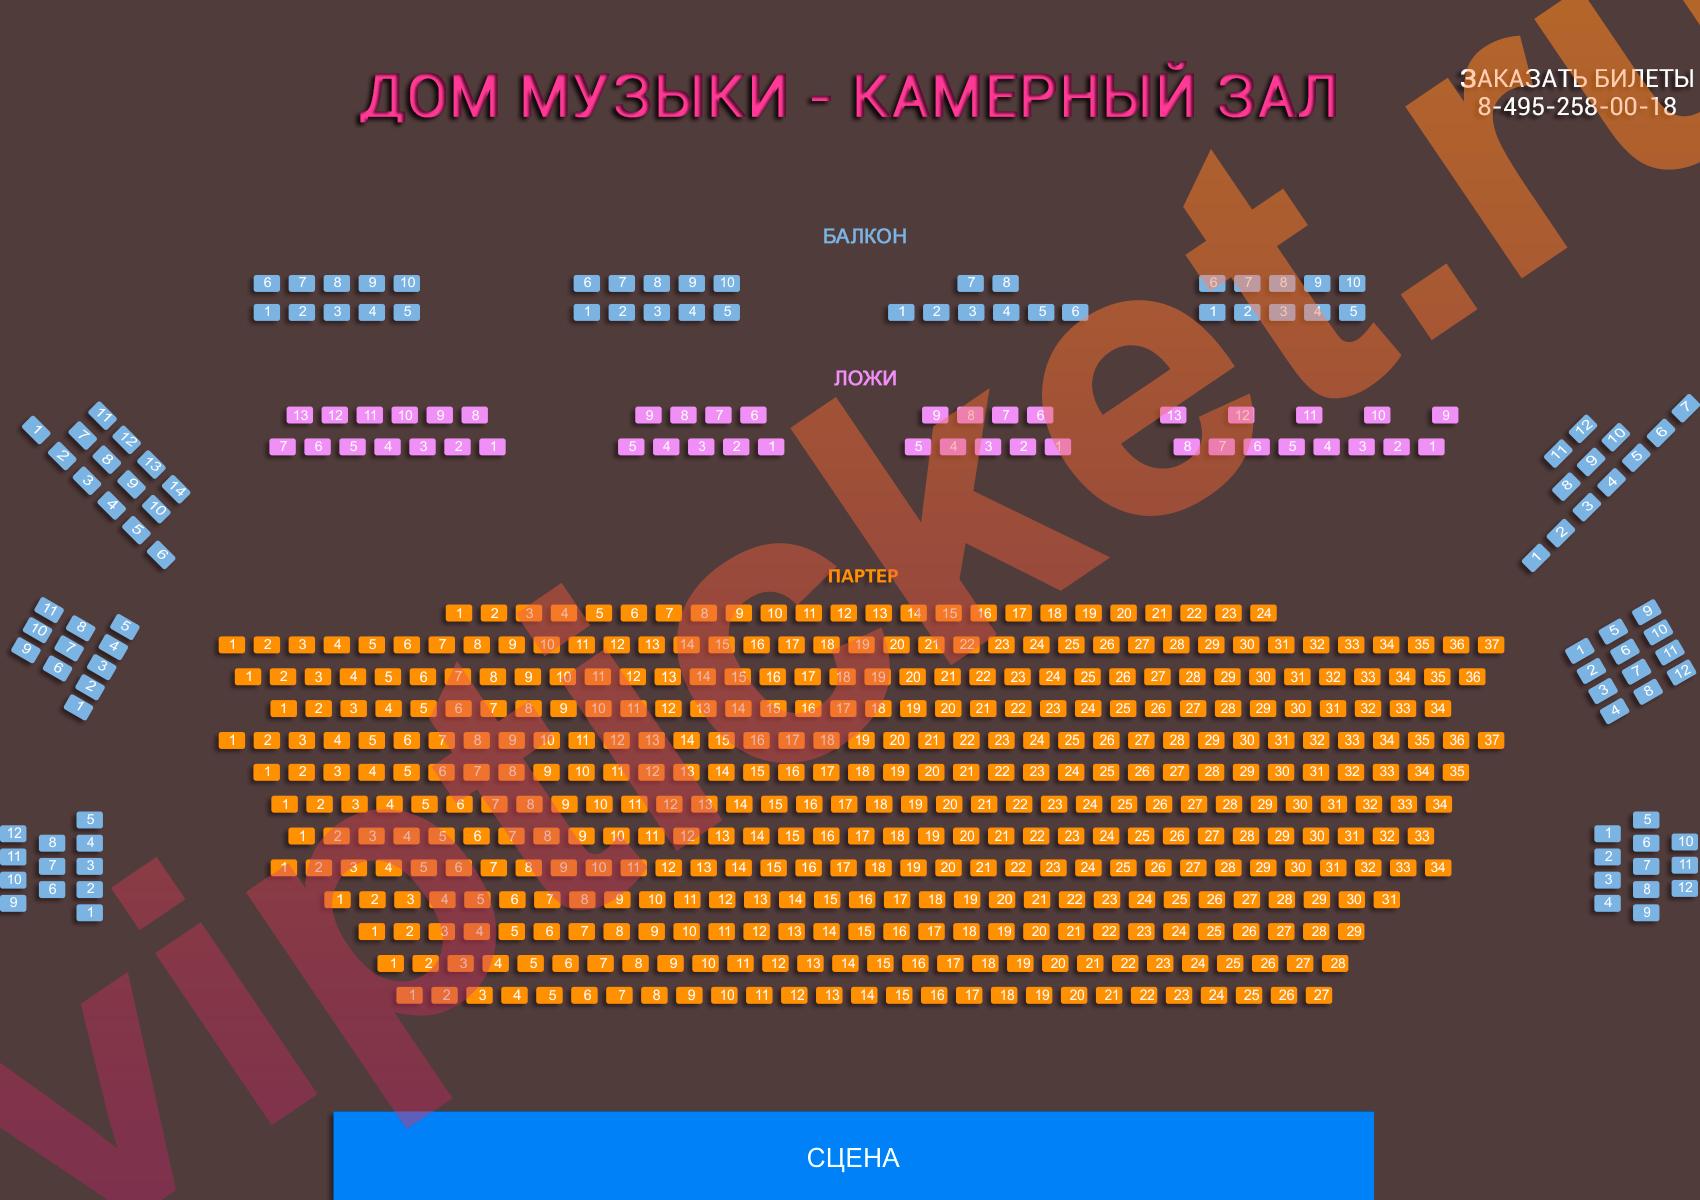 Концерт виолетта модестовна 25 февраля 2018 купить билеты..